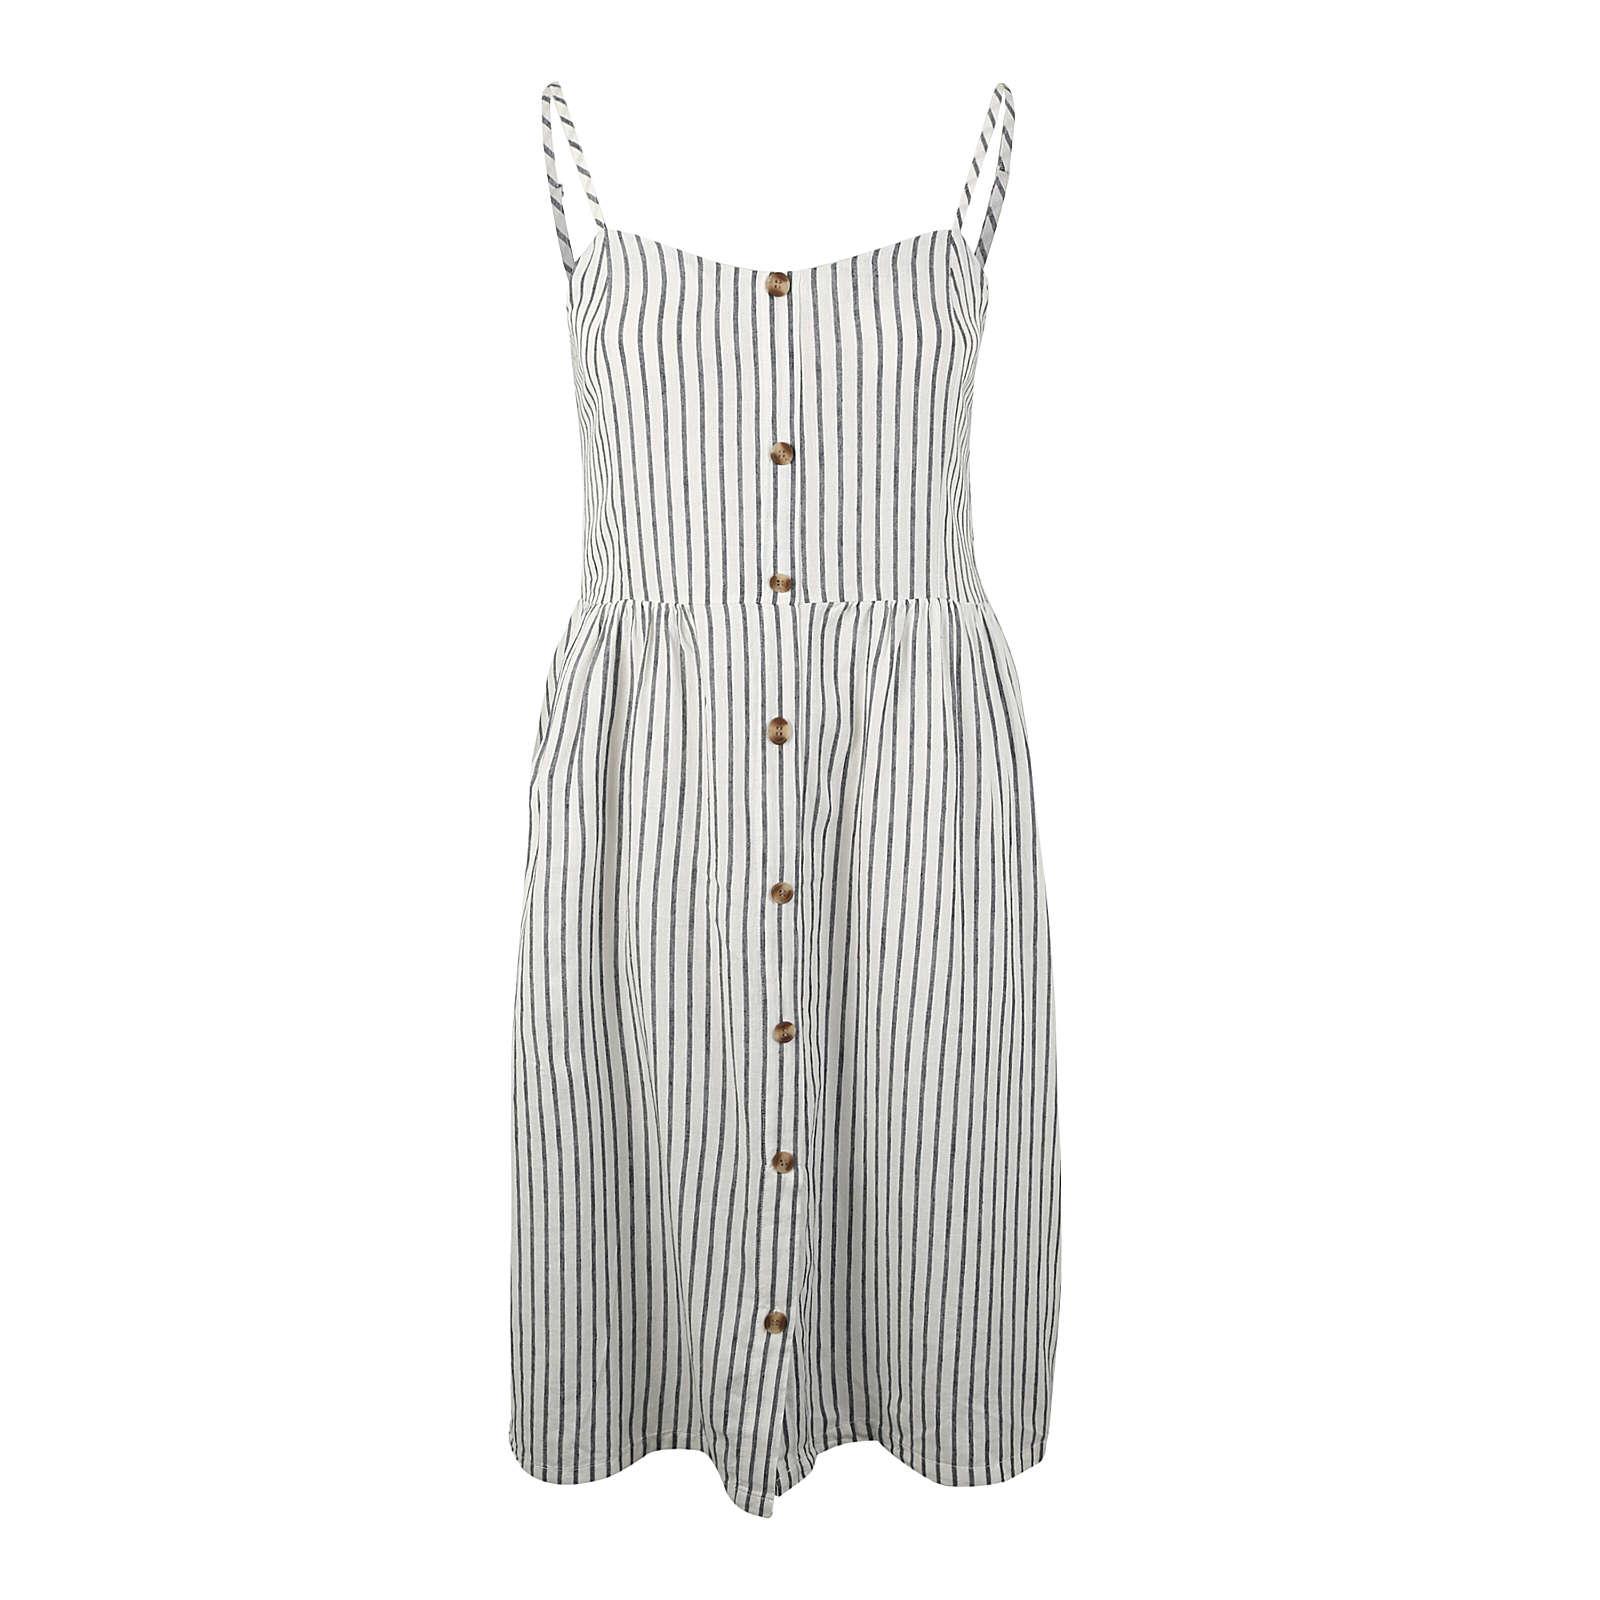 ONLY Carmakoma Sommerkleid Sommerkleider weiß Damen Gr. 46